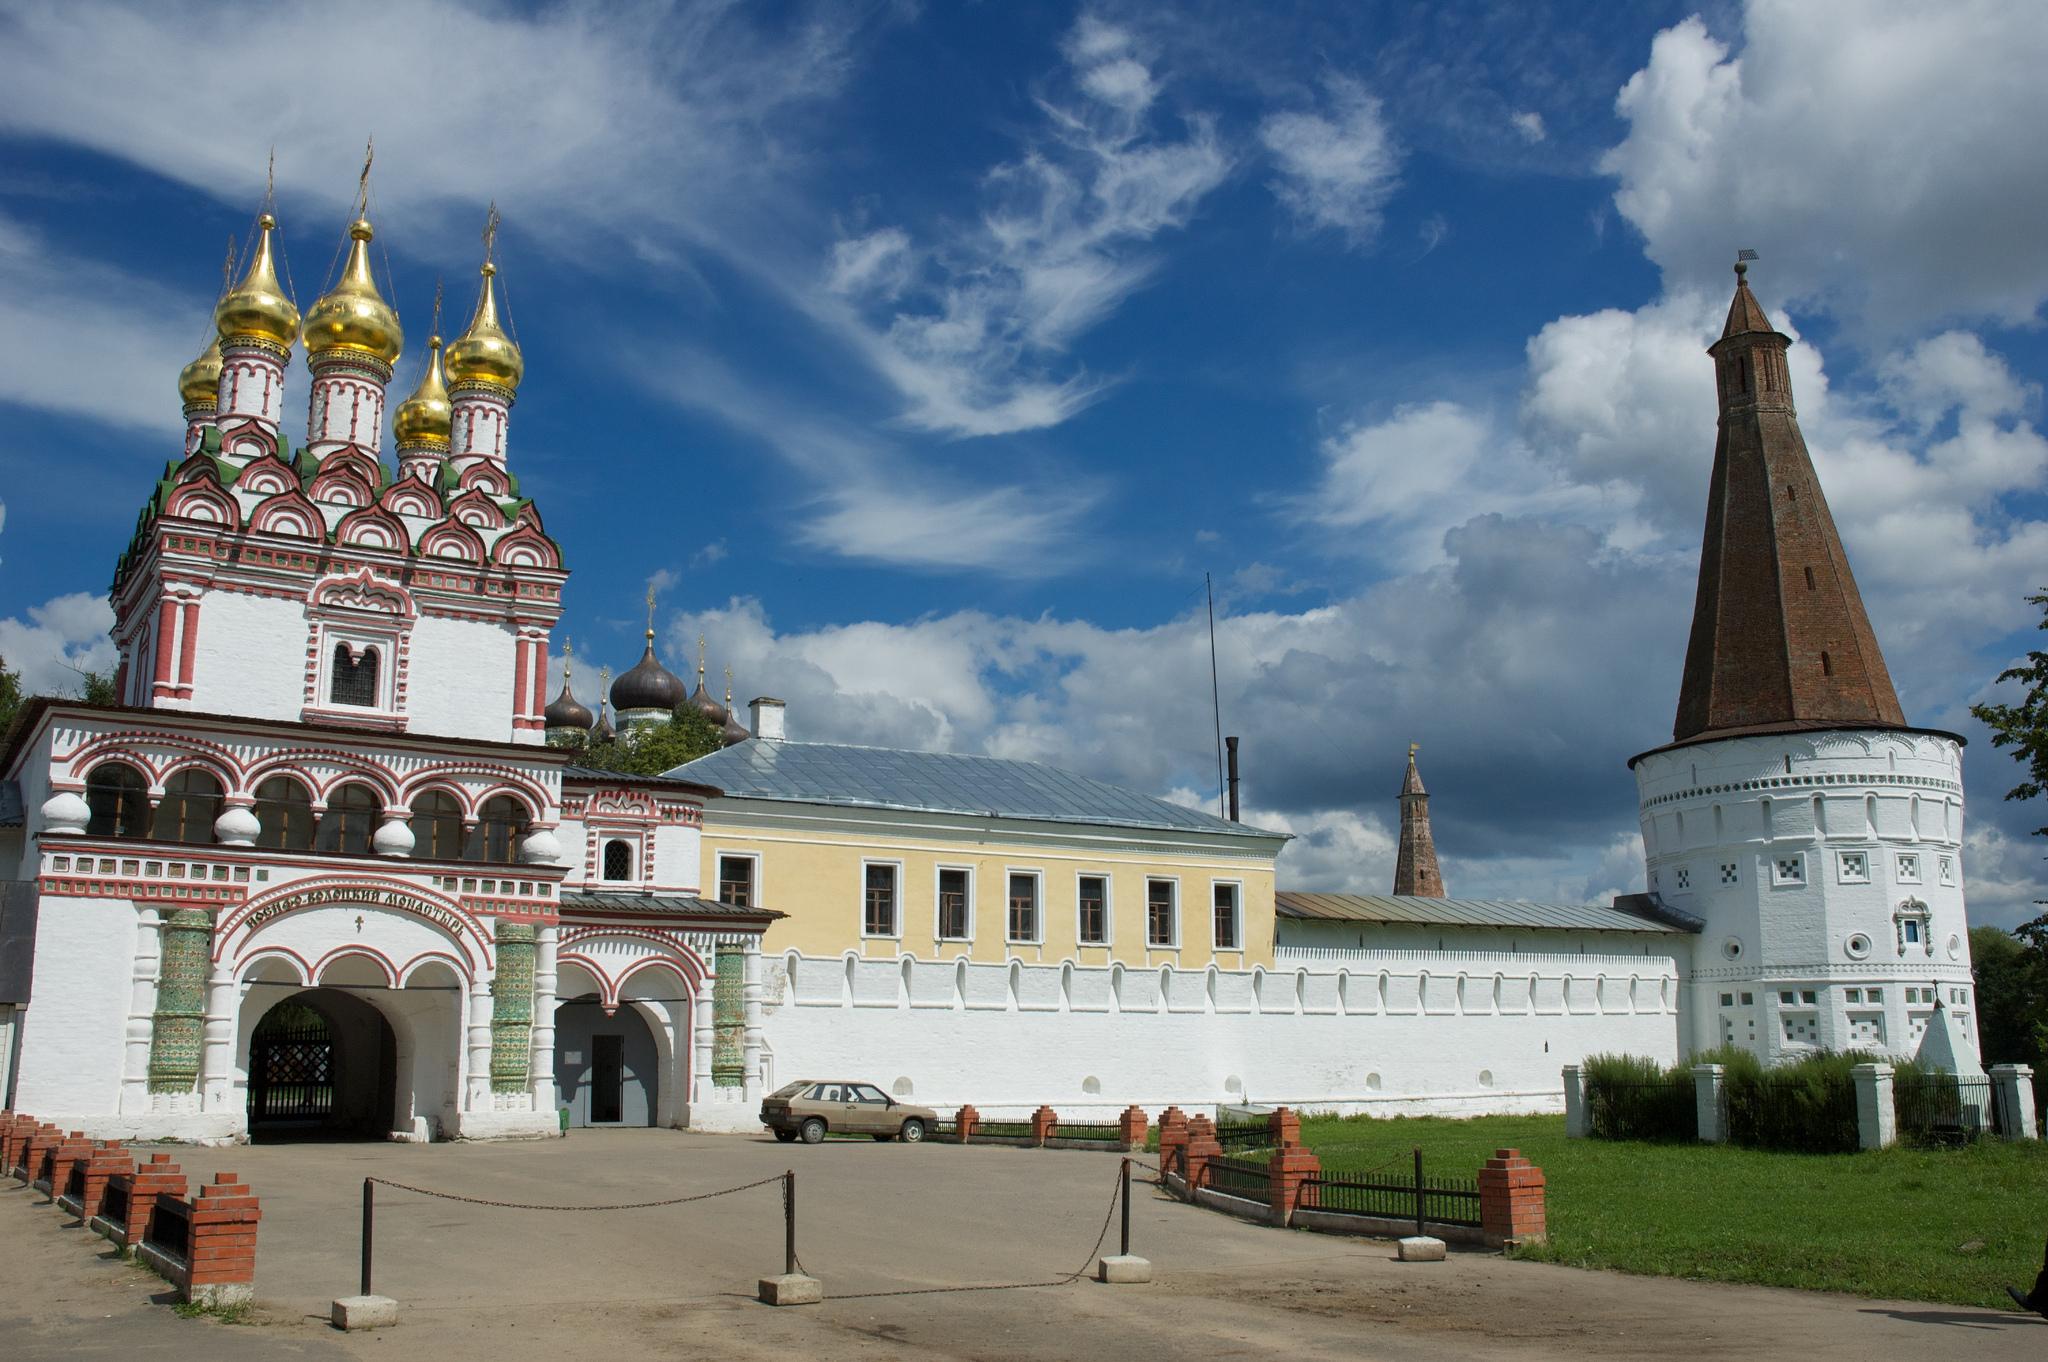 Иосифо-Волоцкий монастырь, Московская область